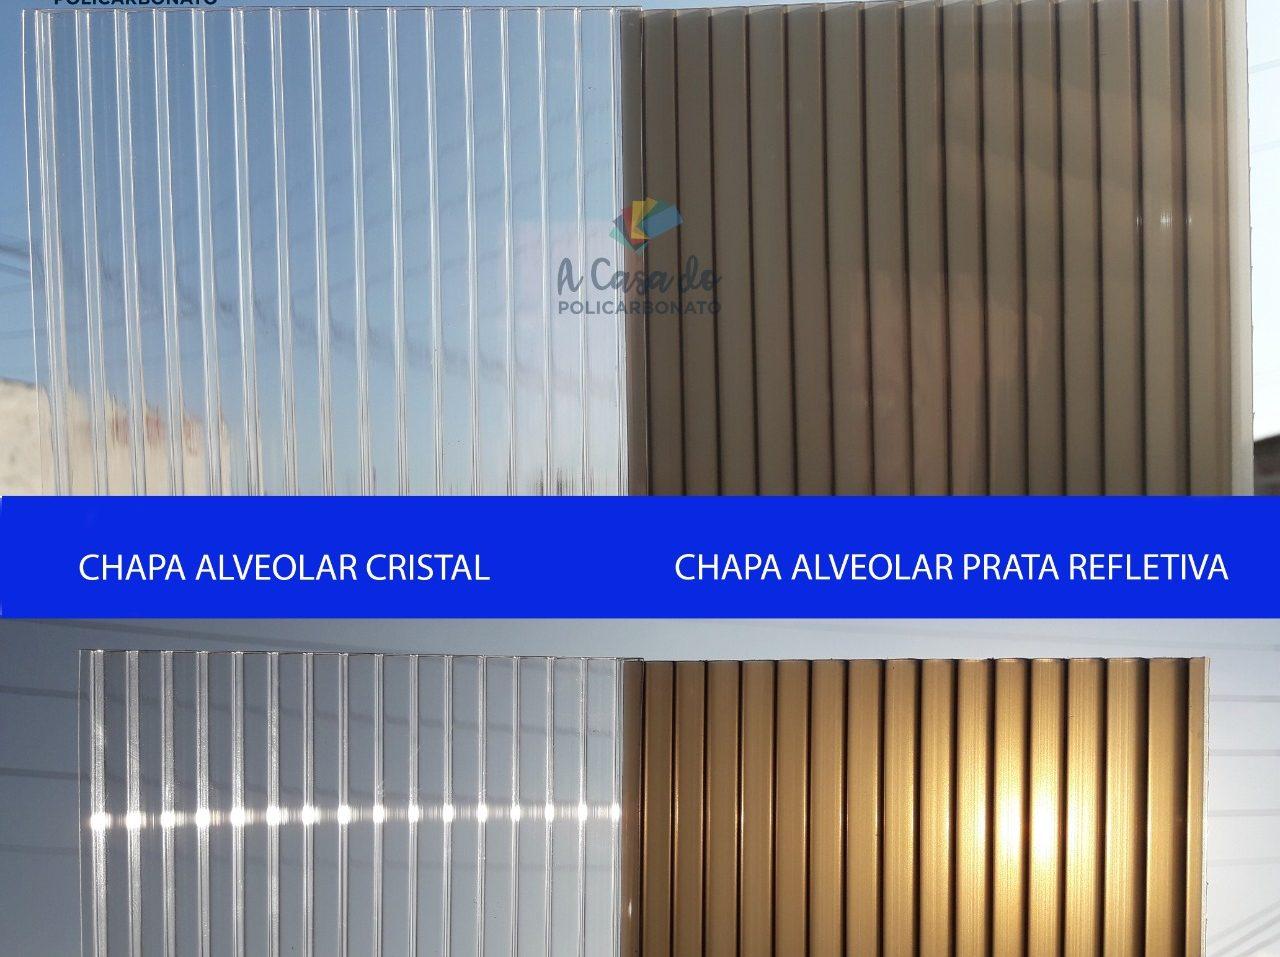 Chapa alveolar cristal / Prata Refletiva - A Casa do Policarbonato